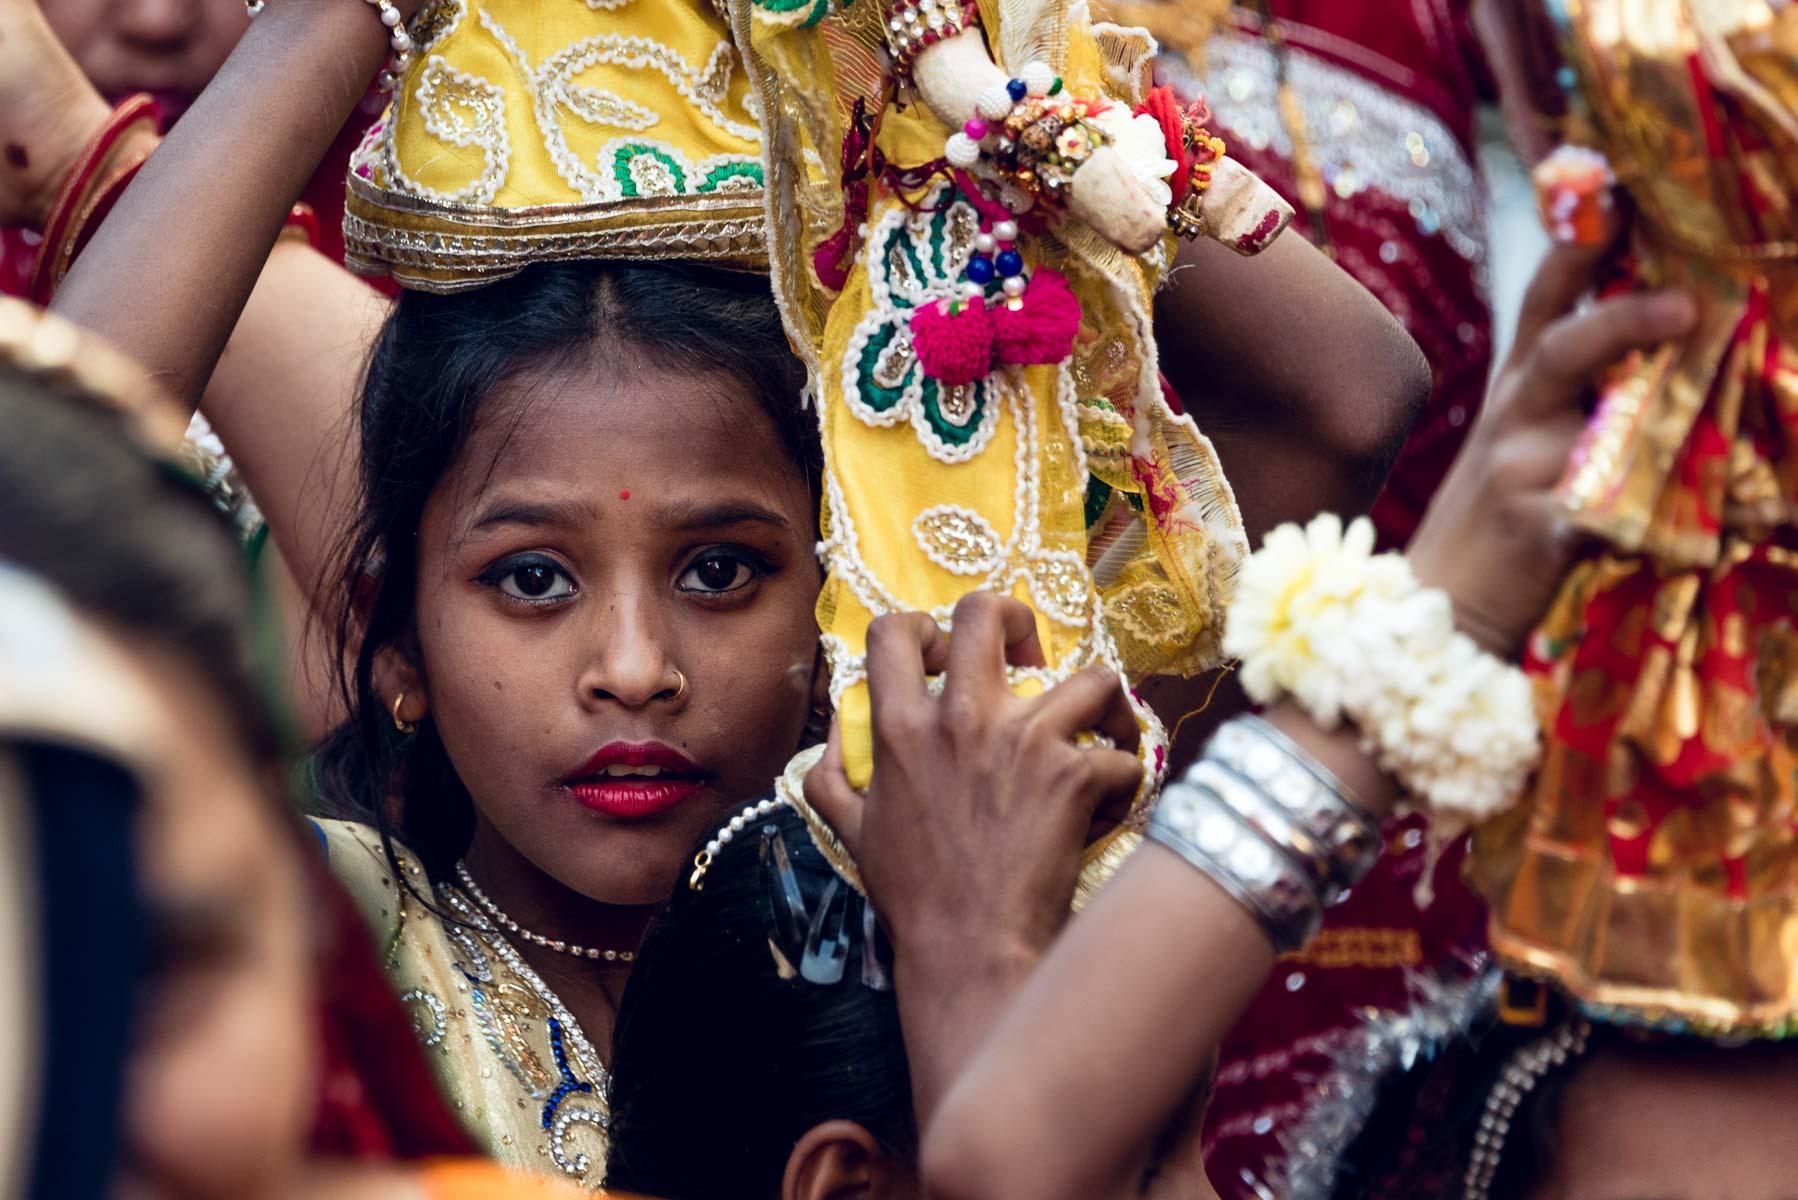 Christian Meixner Fotografie, Fotograf Zürich, Indien, Udaipur, Reisen, Reisefotografie